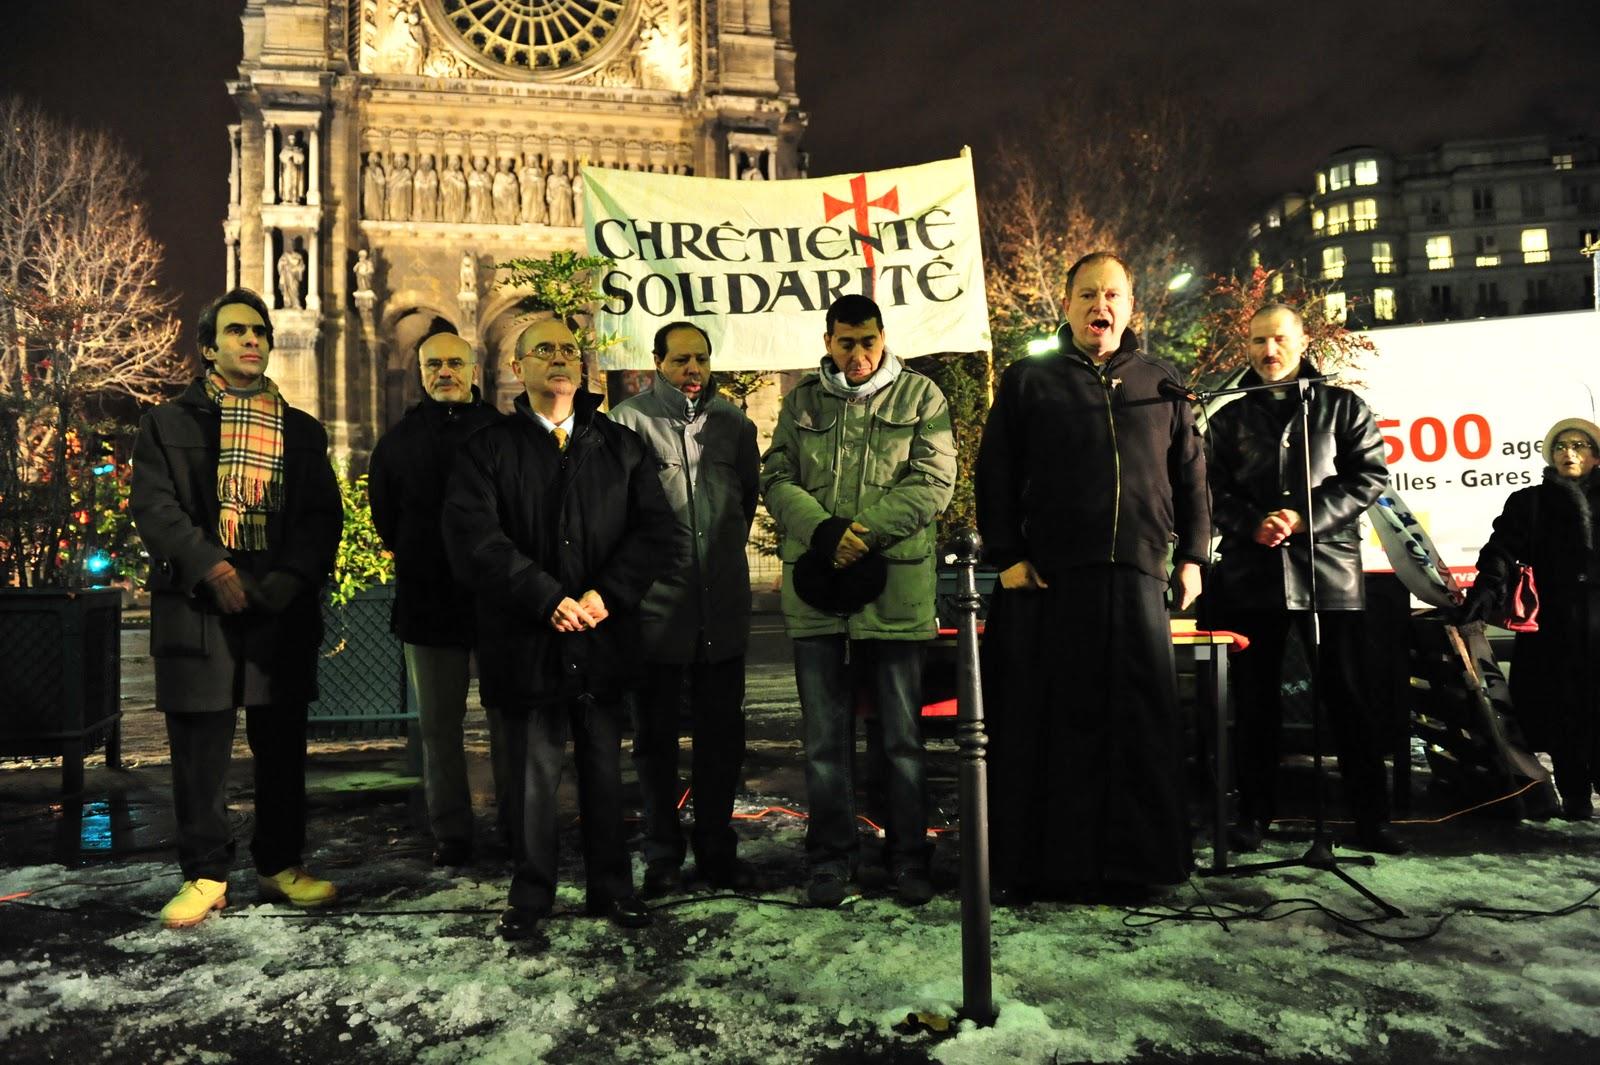 Chrétienneté-Solidarité